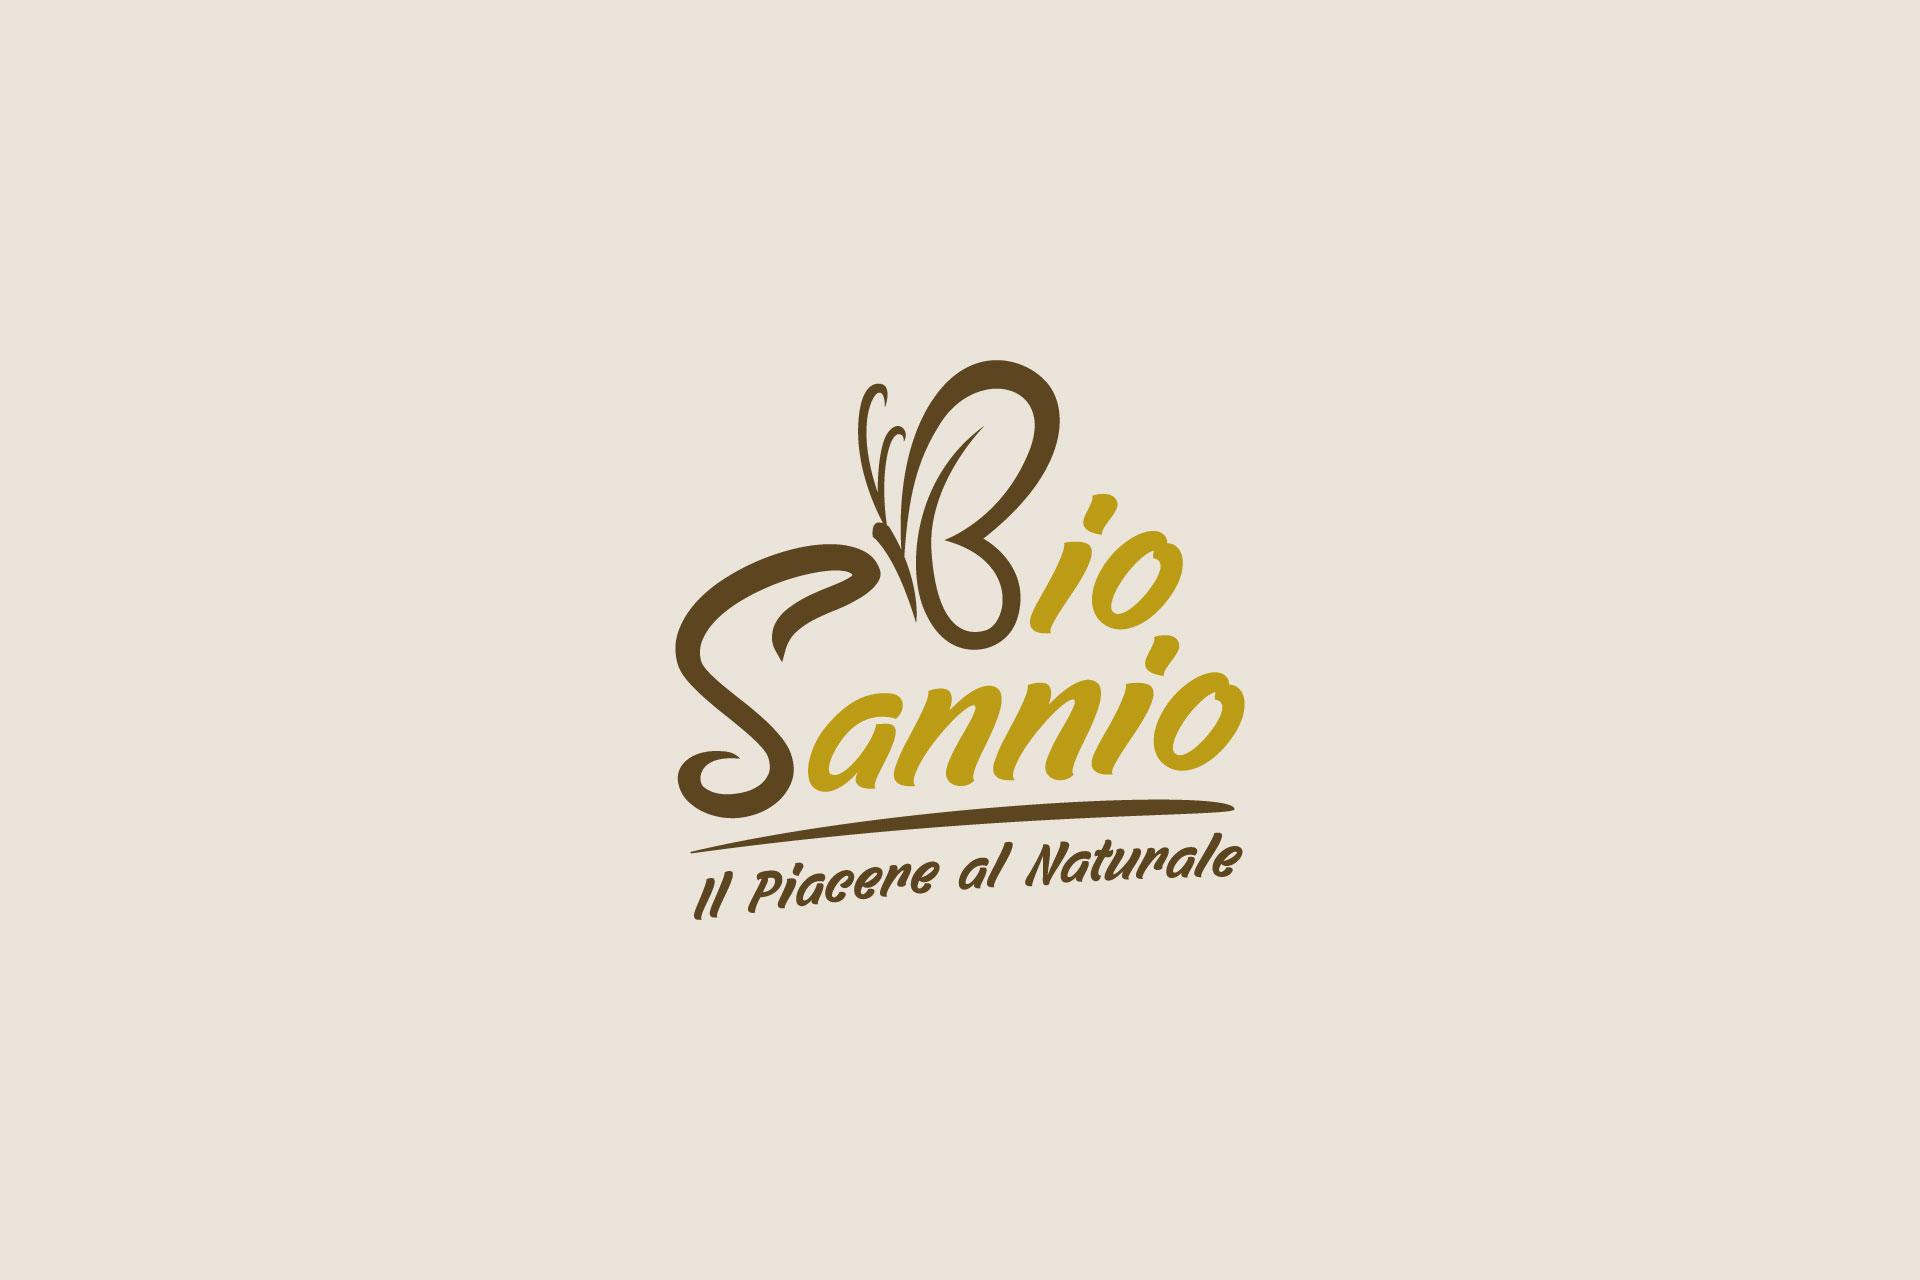 Loghi, Logotipi, Marchi, Brand Design, Pubblicità, Marketing Campobasso